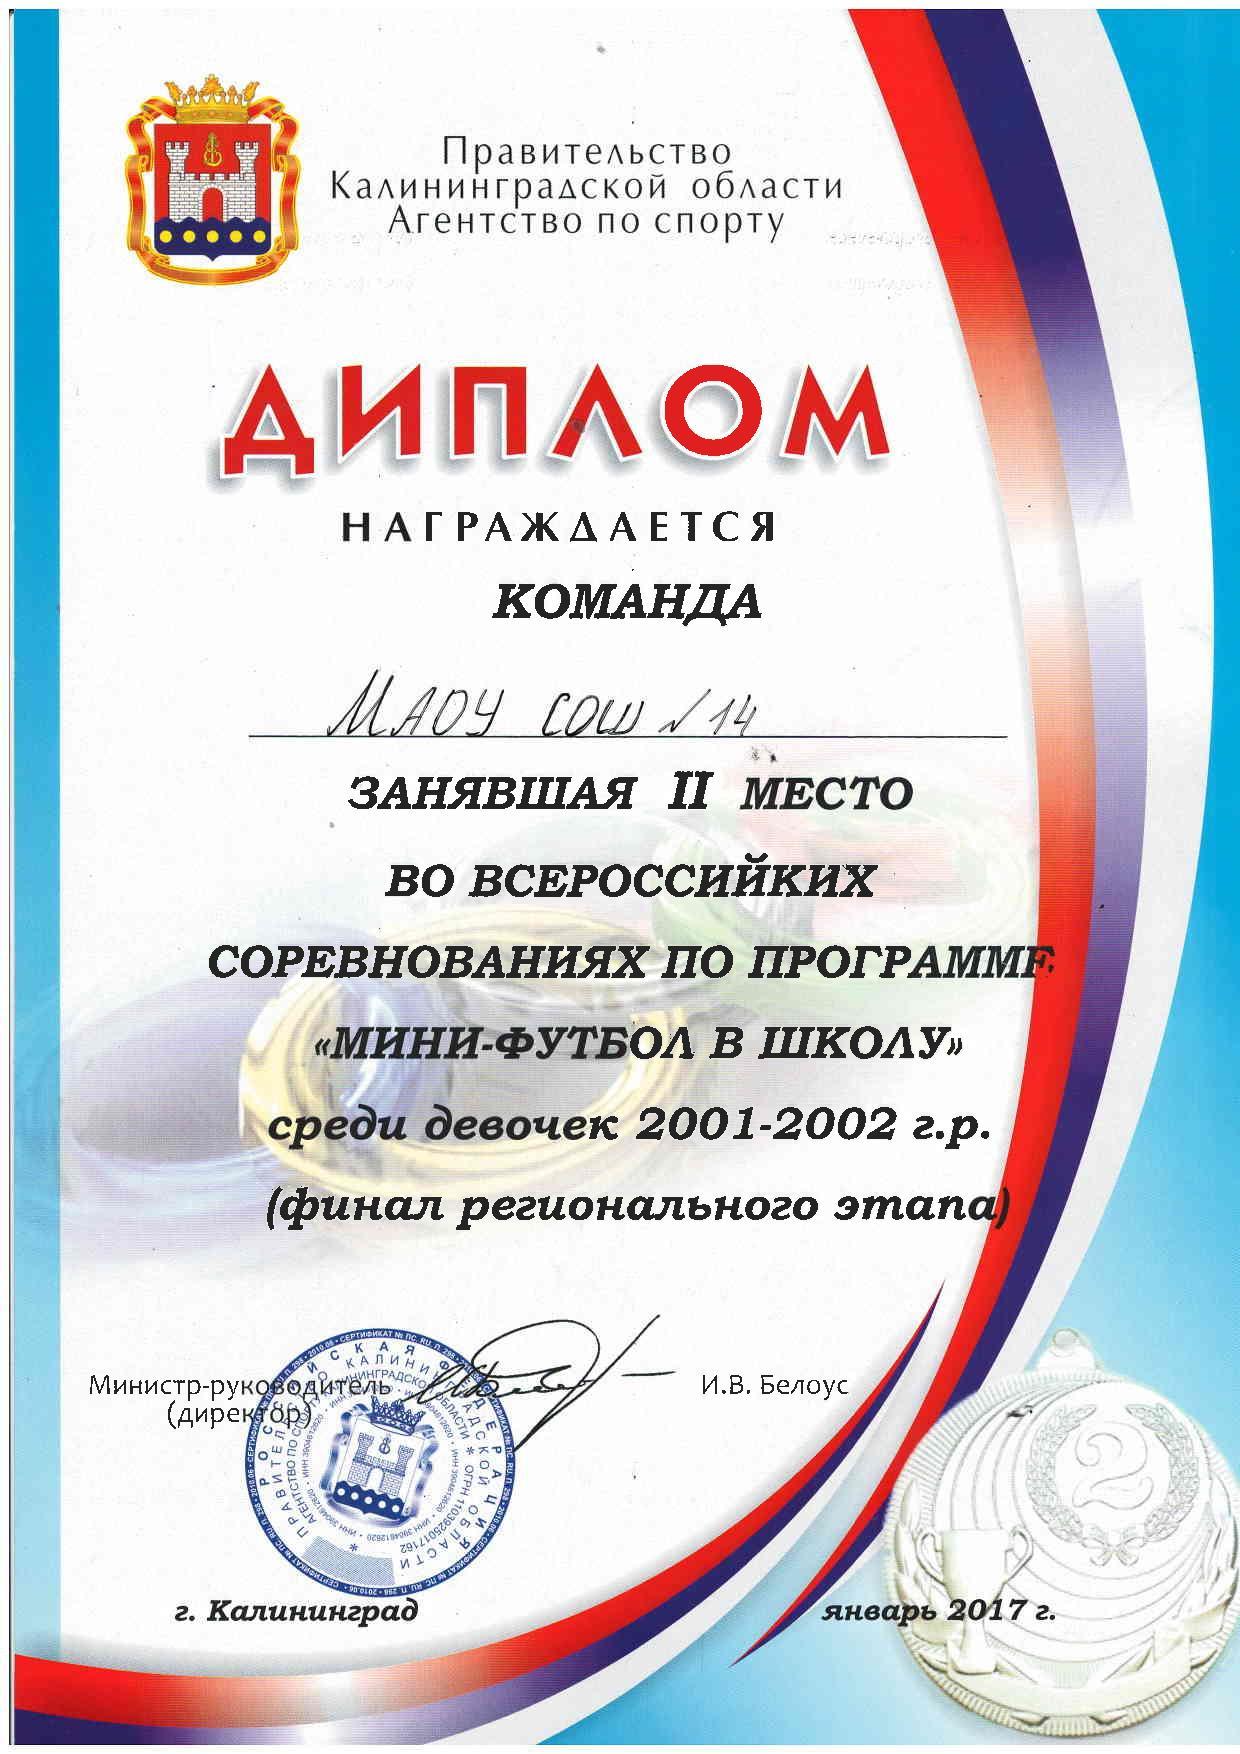 Всероссийские соревнования по программе Мини футбол в школу  Всероссийские соревнования по программе Мини футбол в школу